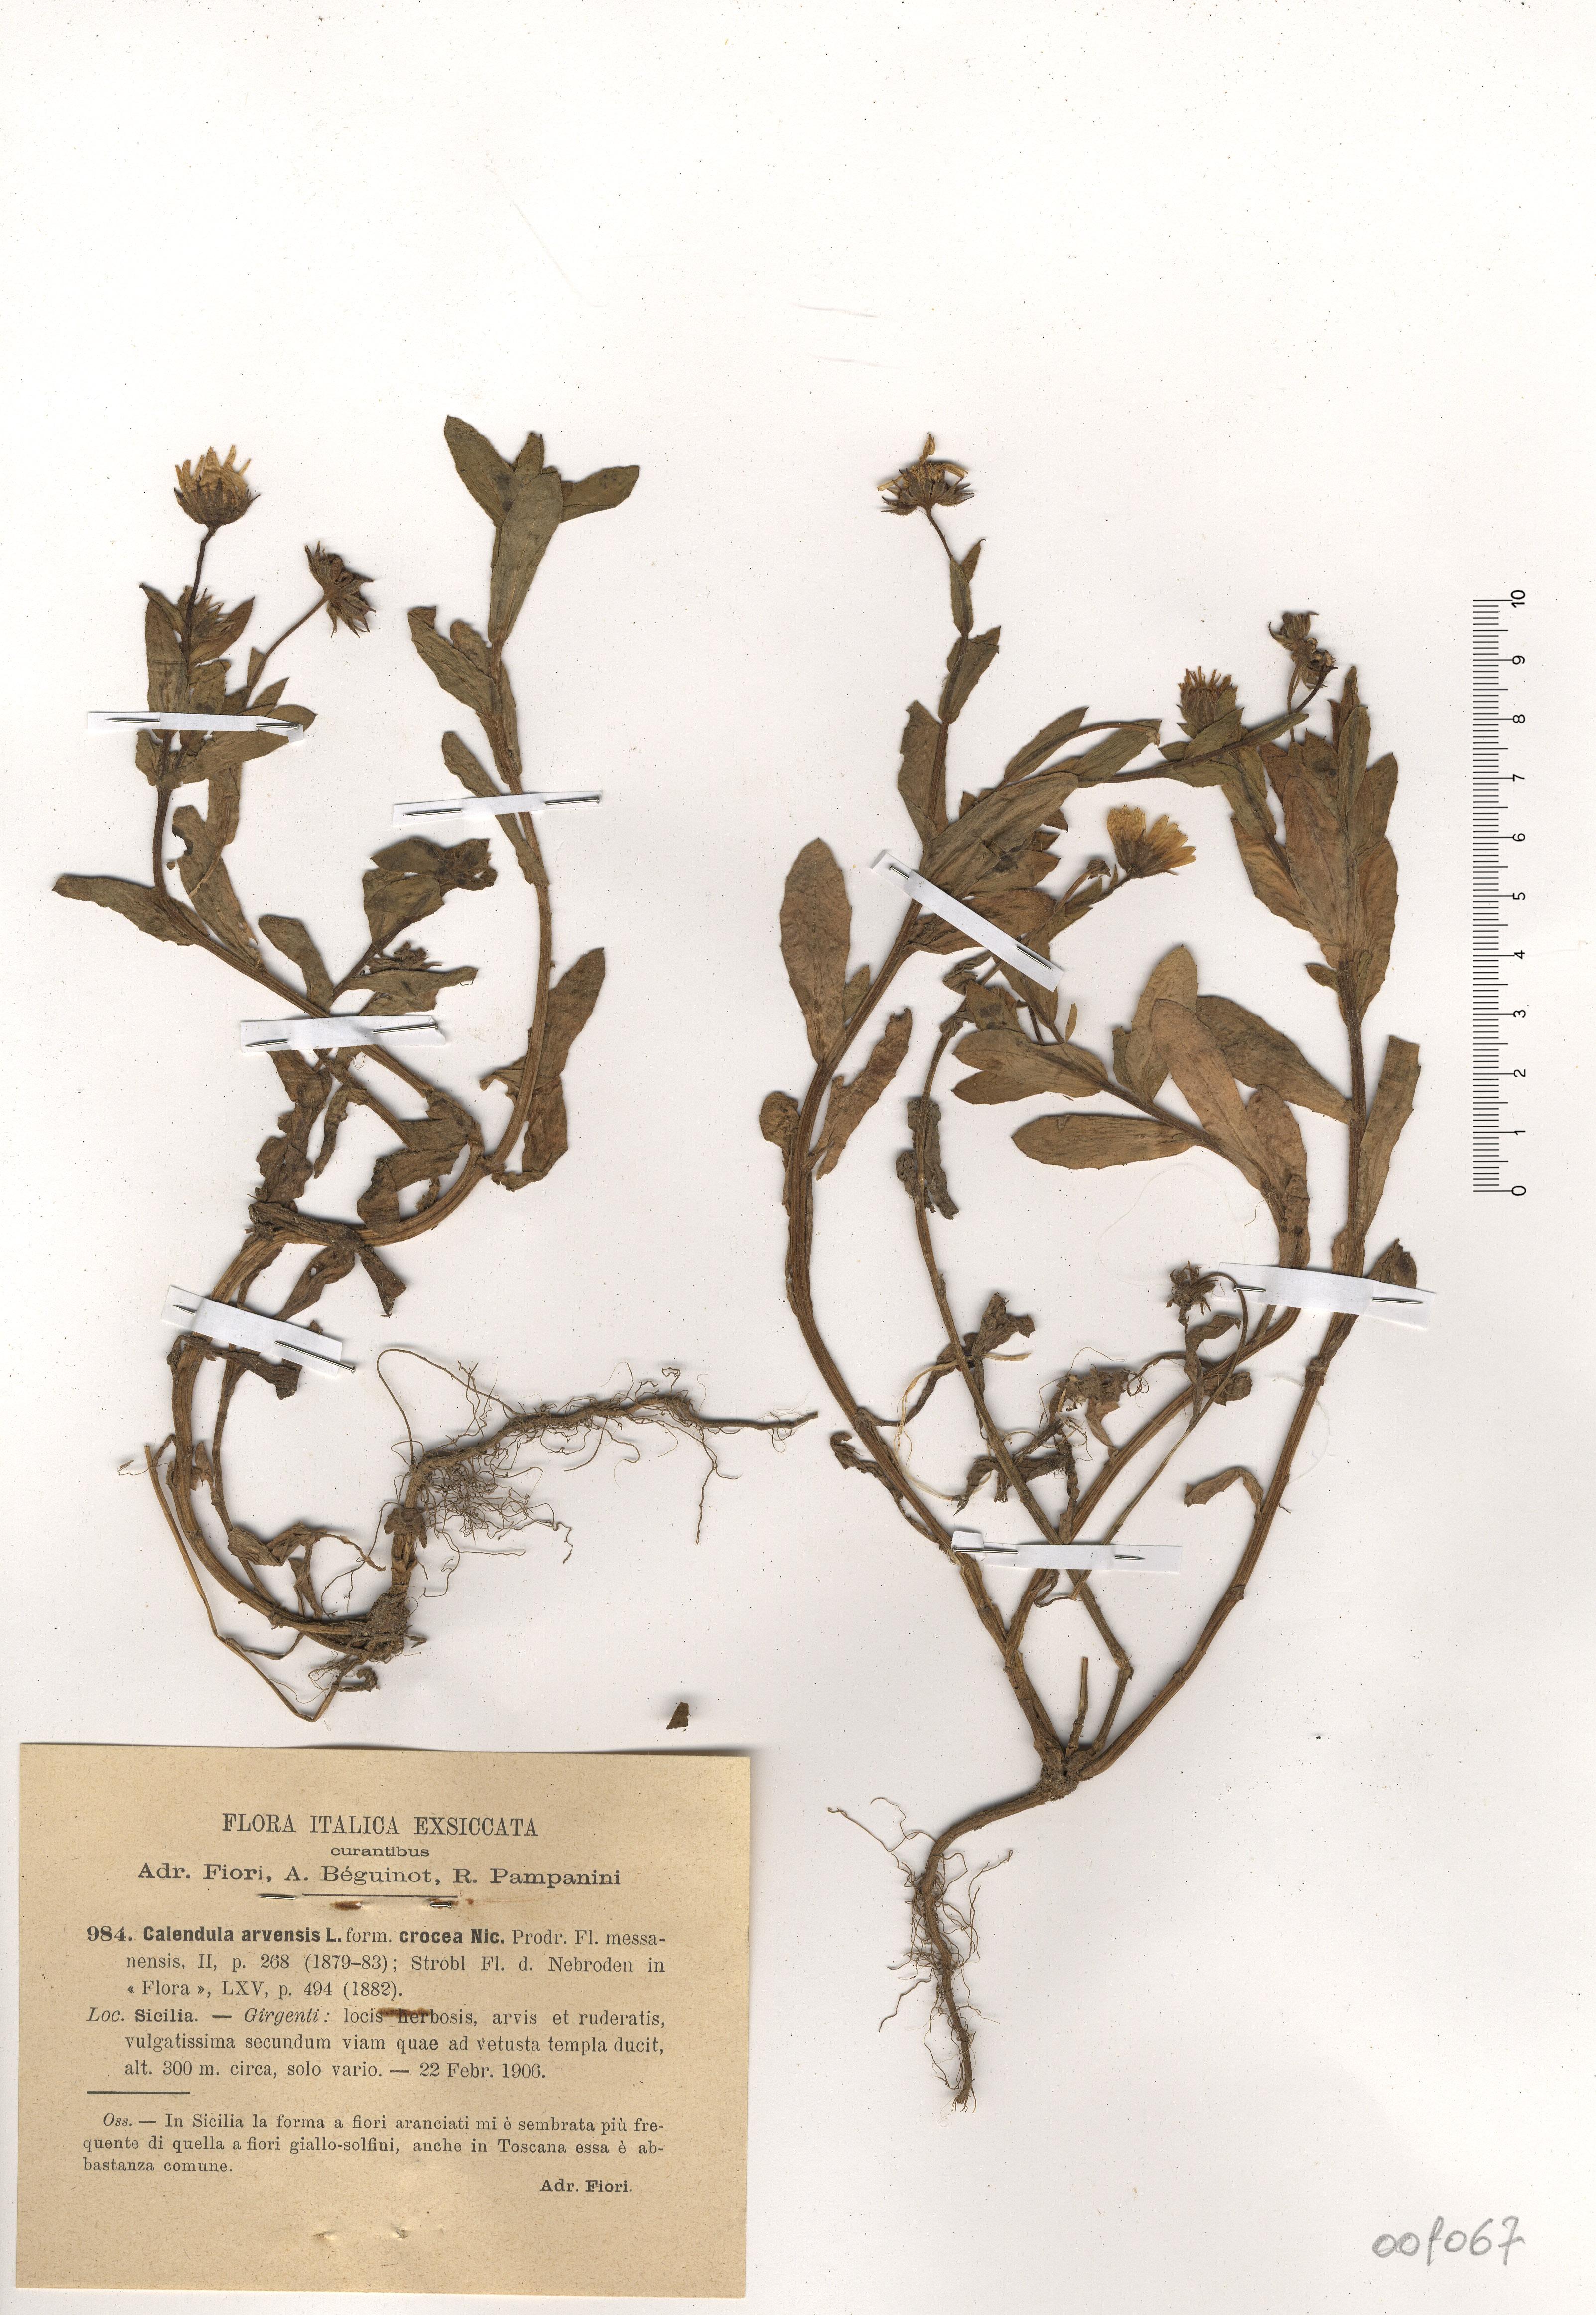 © Hortus Botanicus Catinensis - Herb. sheet 001067<br>